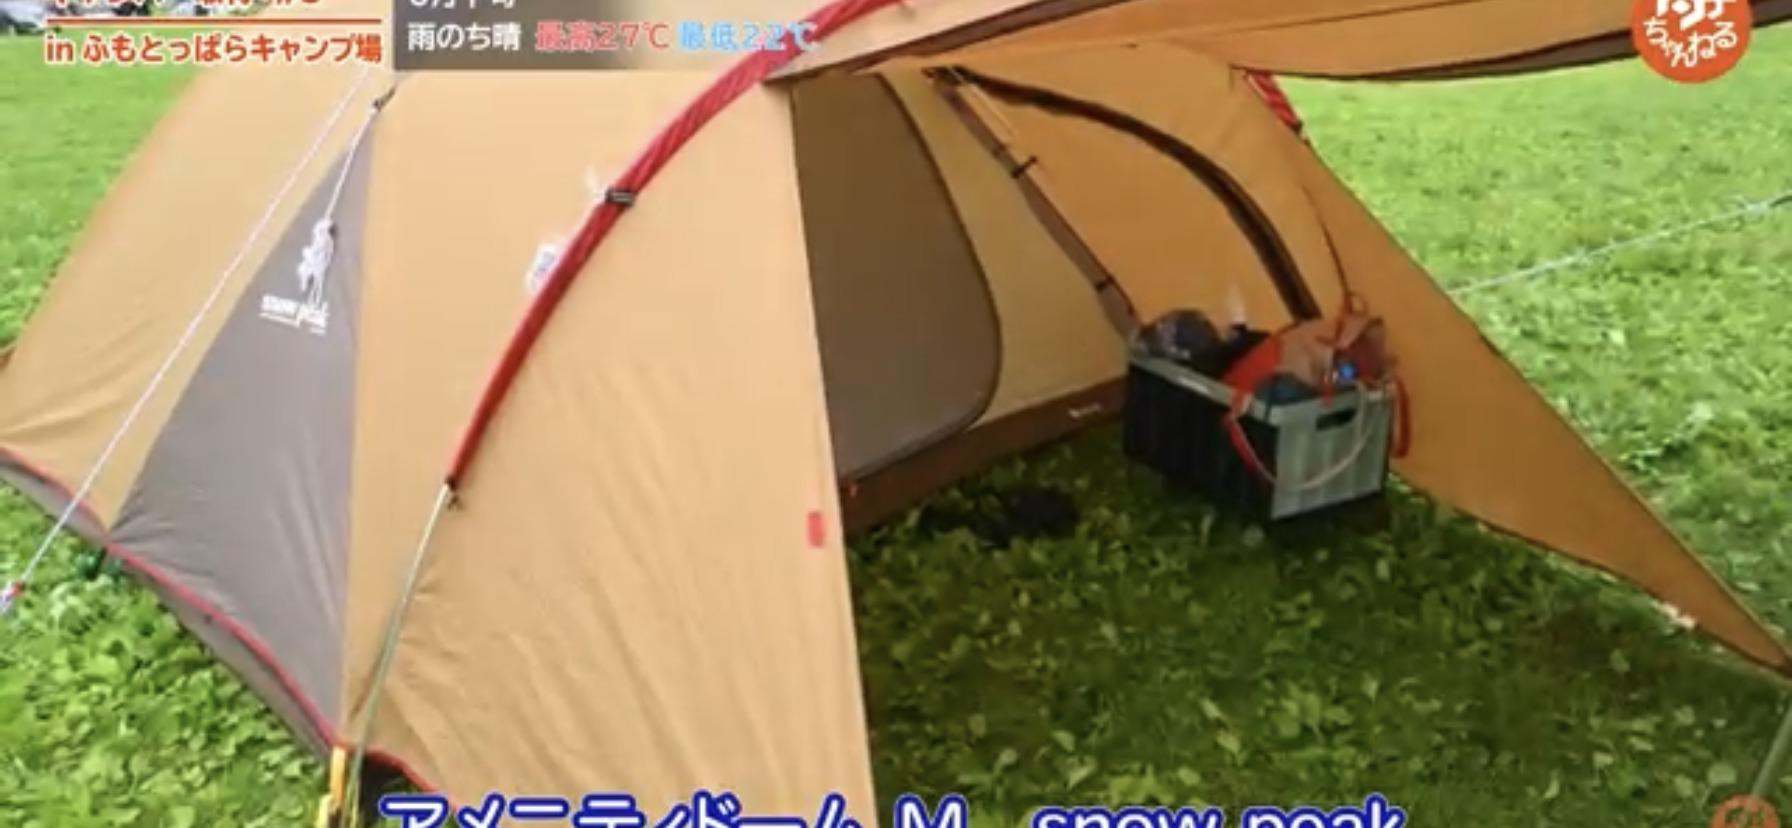 テント:【snow peak(スノーピーク)】 アメニティドームM